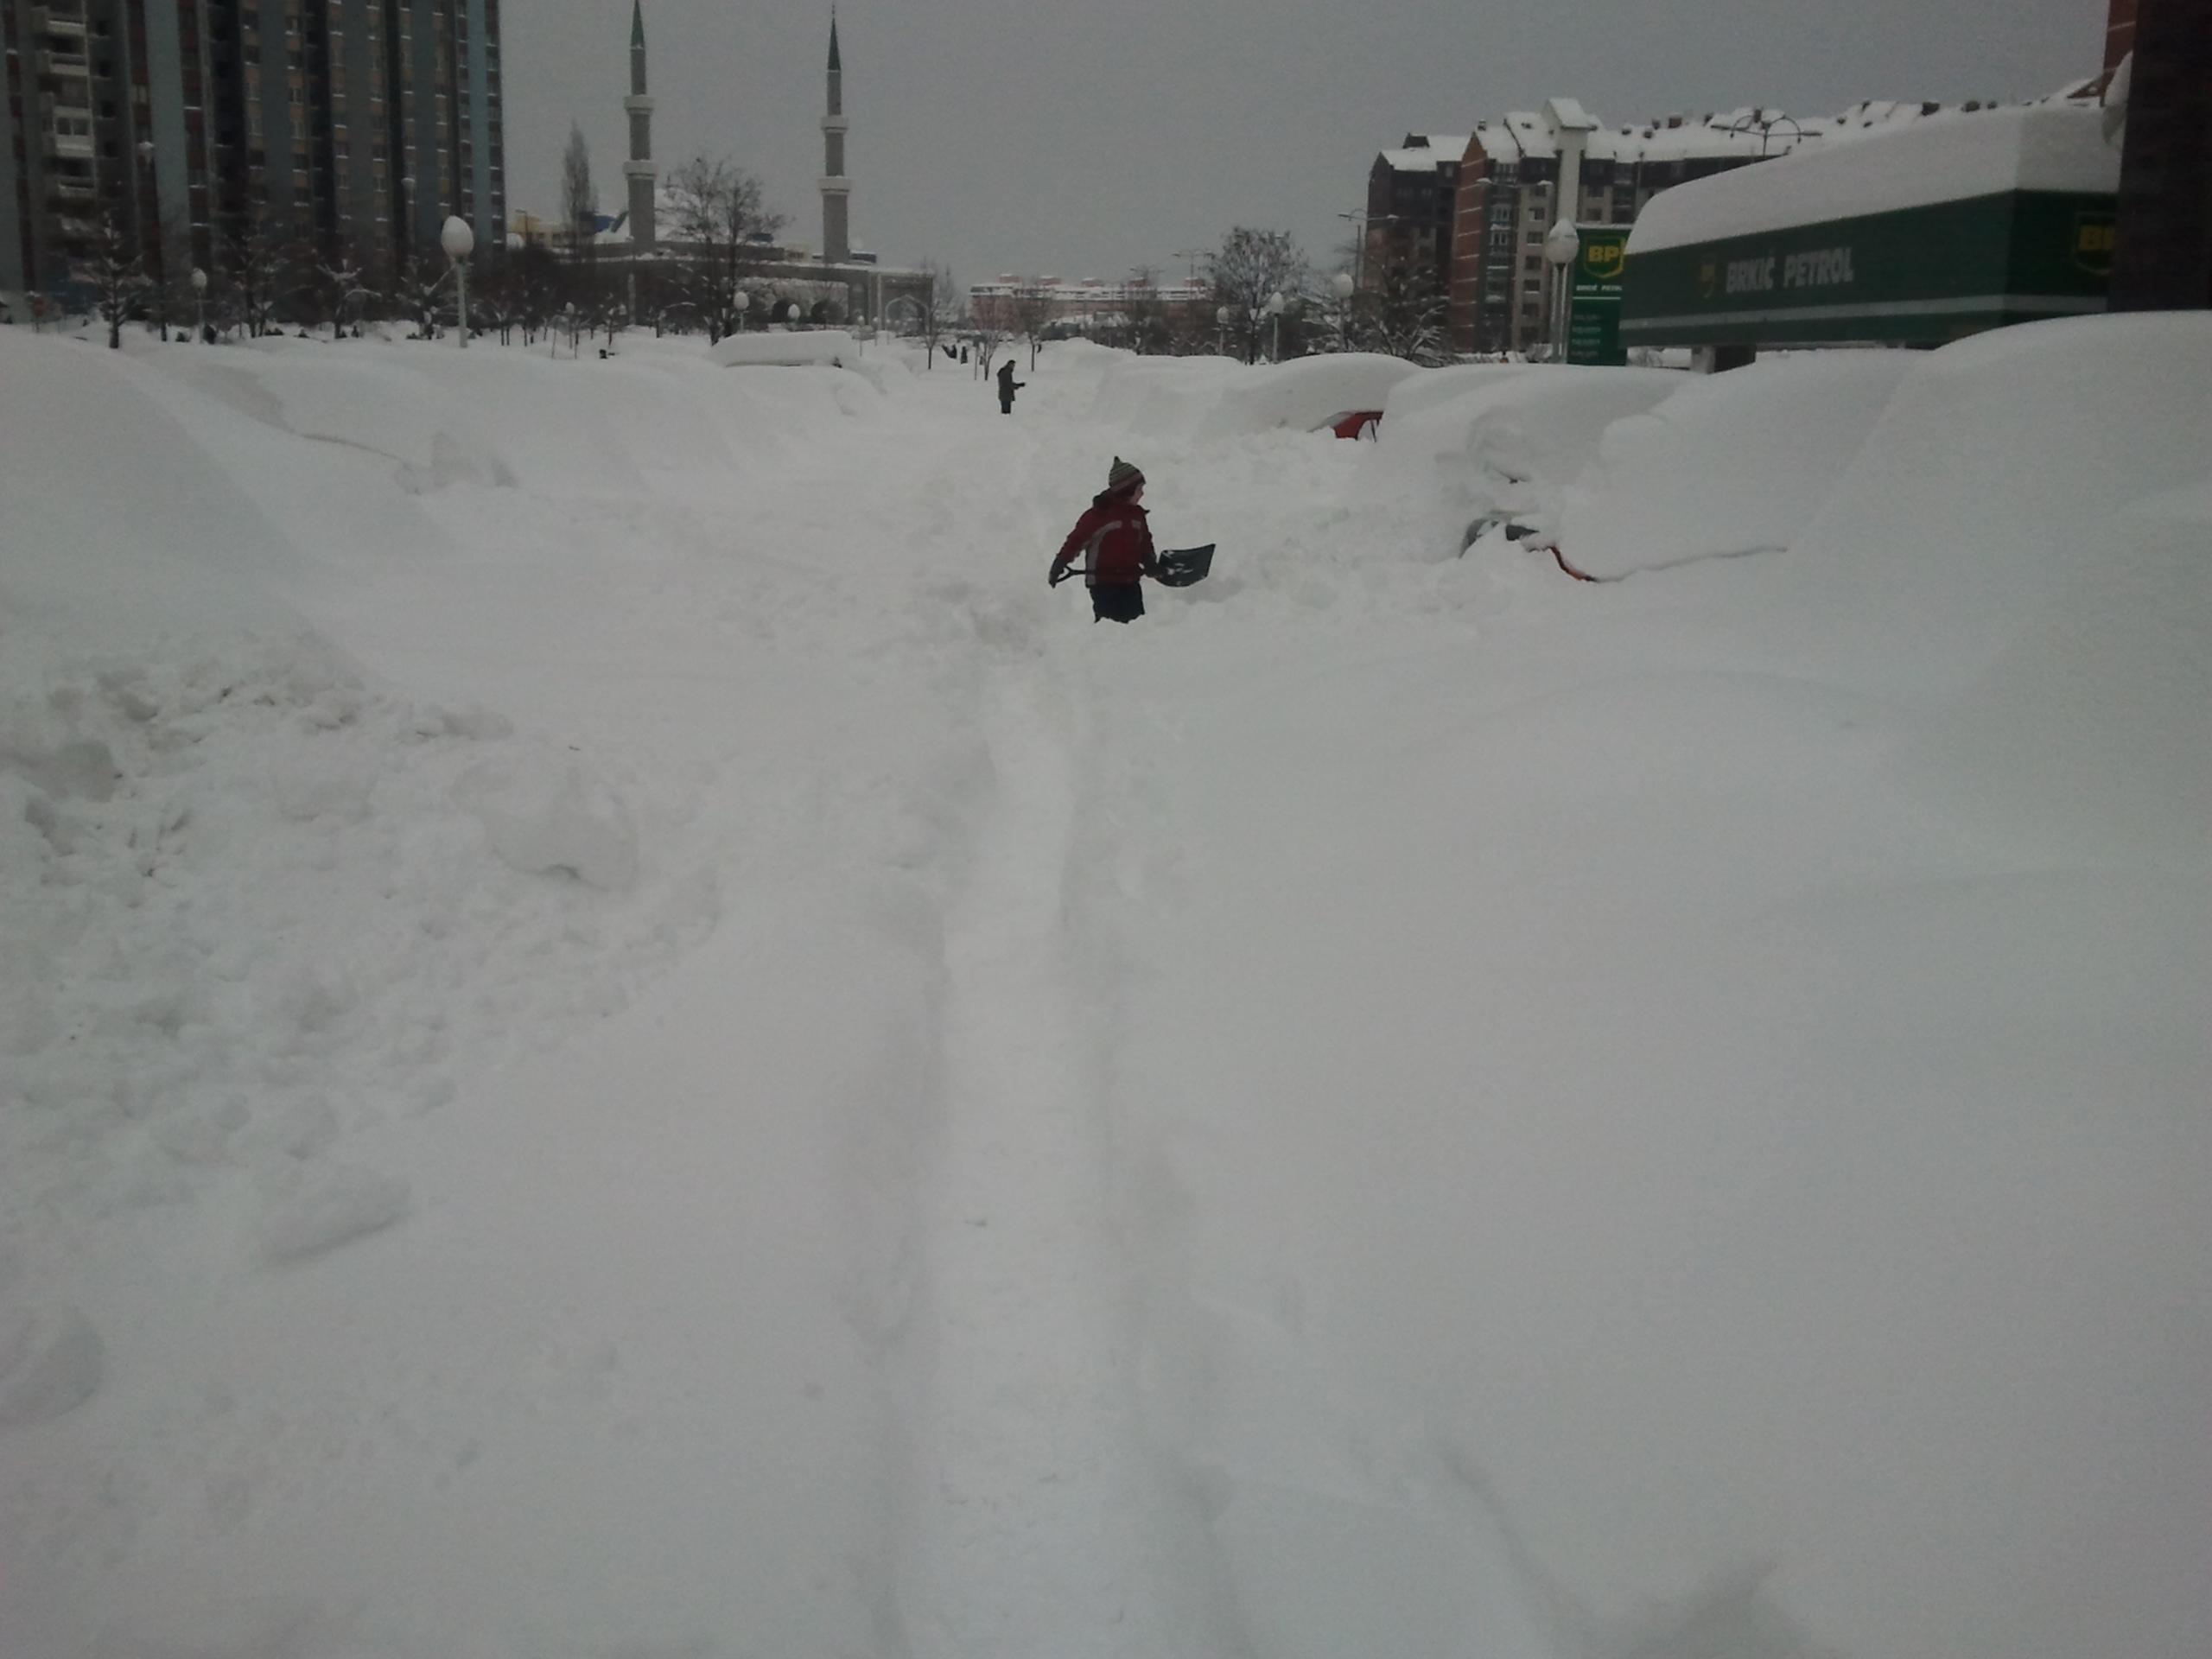 neige_sarajevo9.jpg